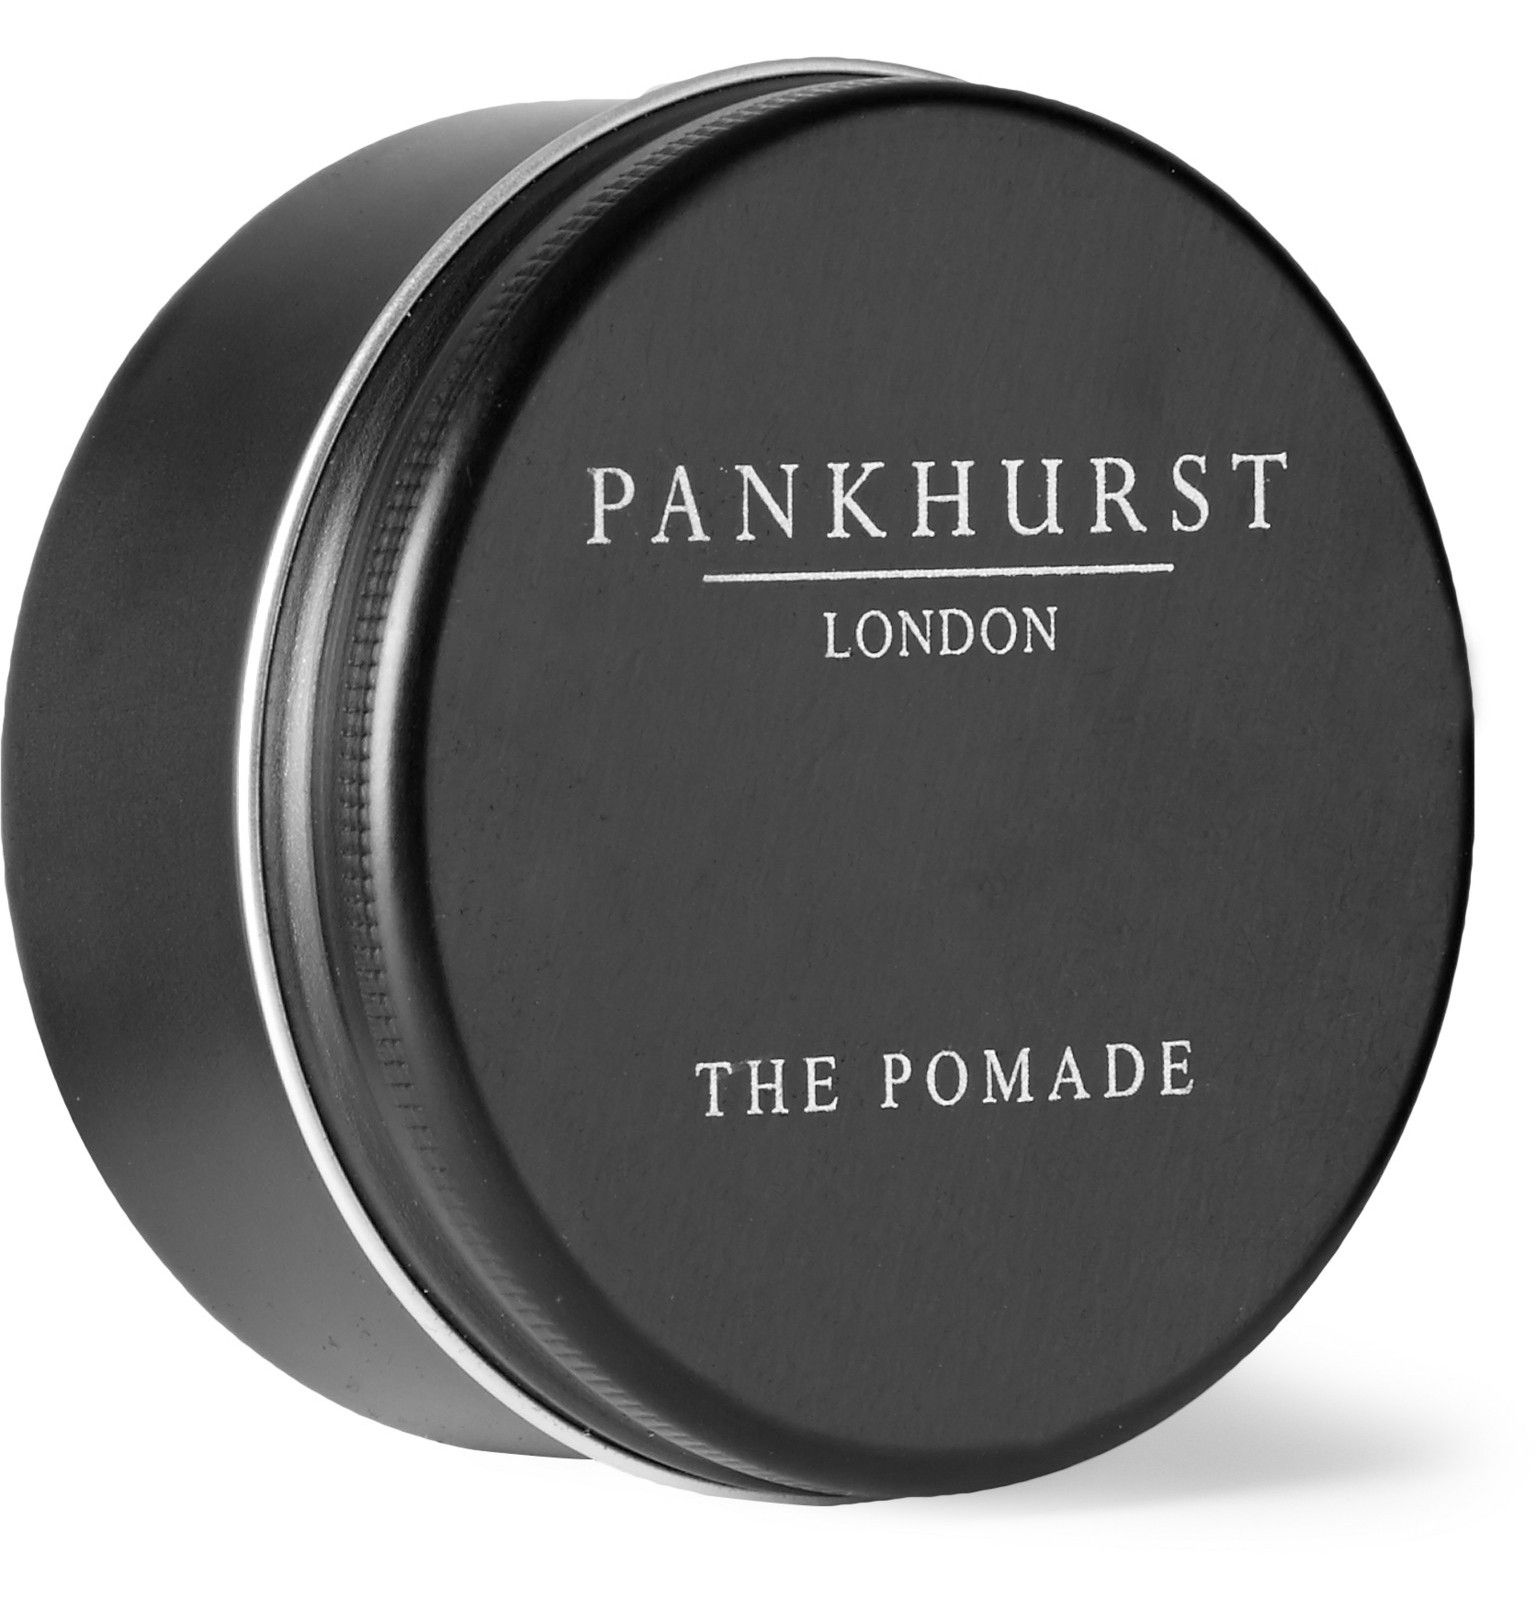 Colorless The Pomade 75ml Pankhurst London Pankhurst London Mens Pomade Mr Porter Style